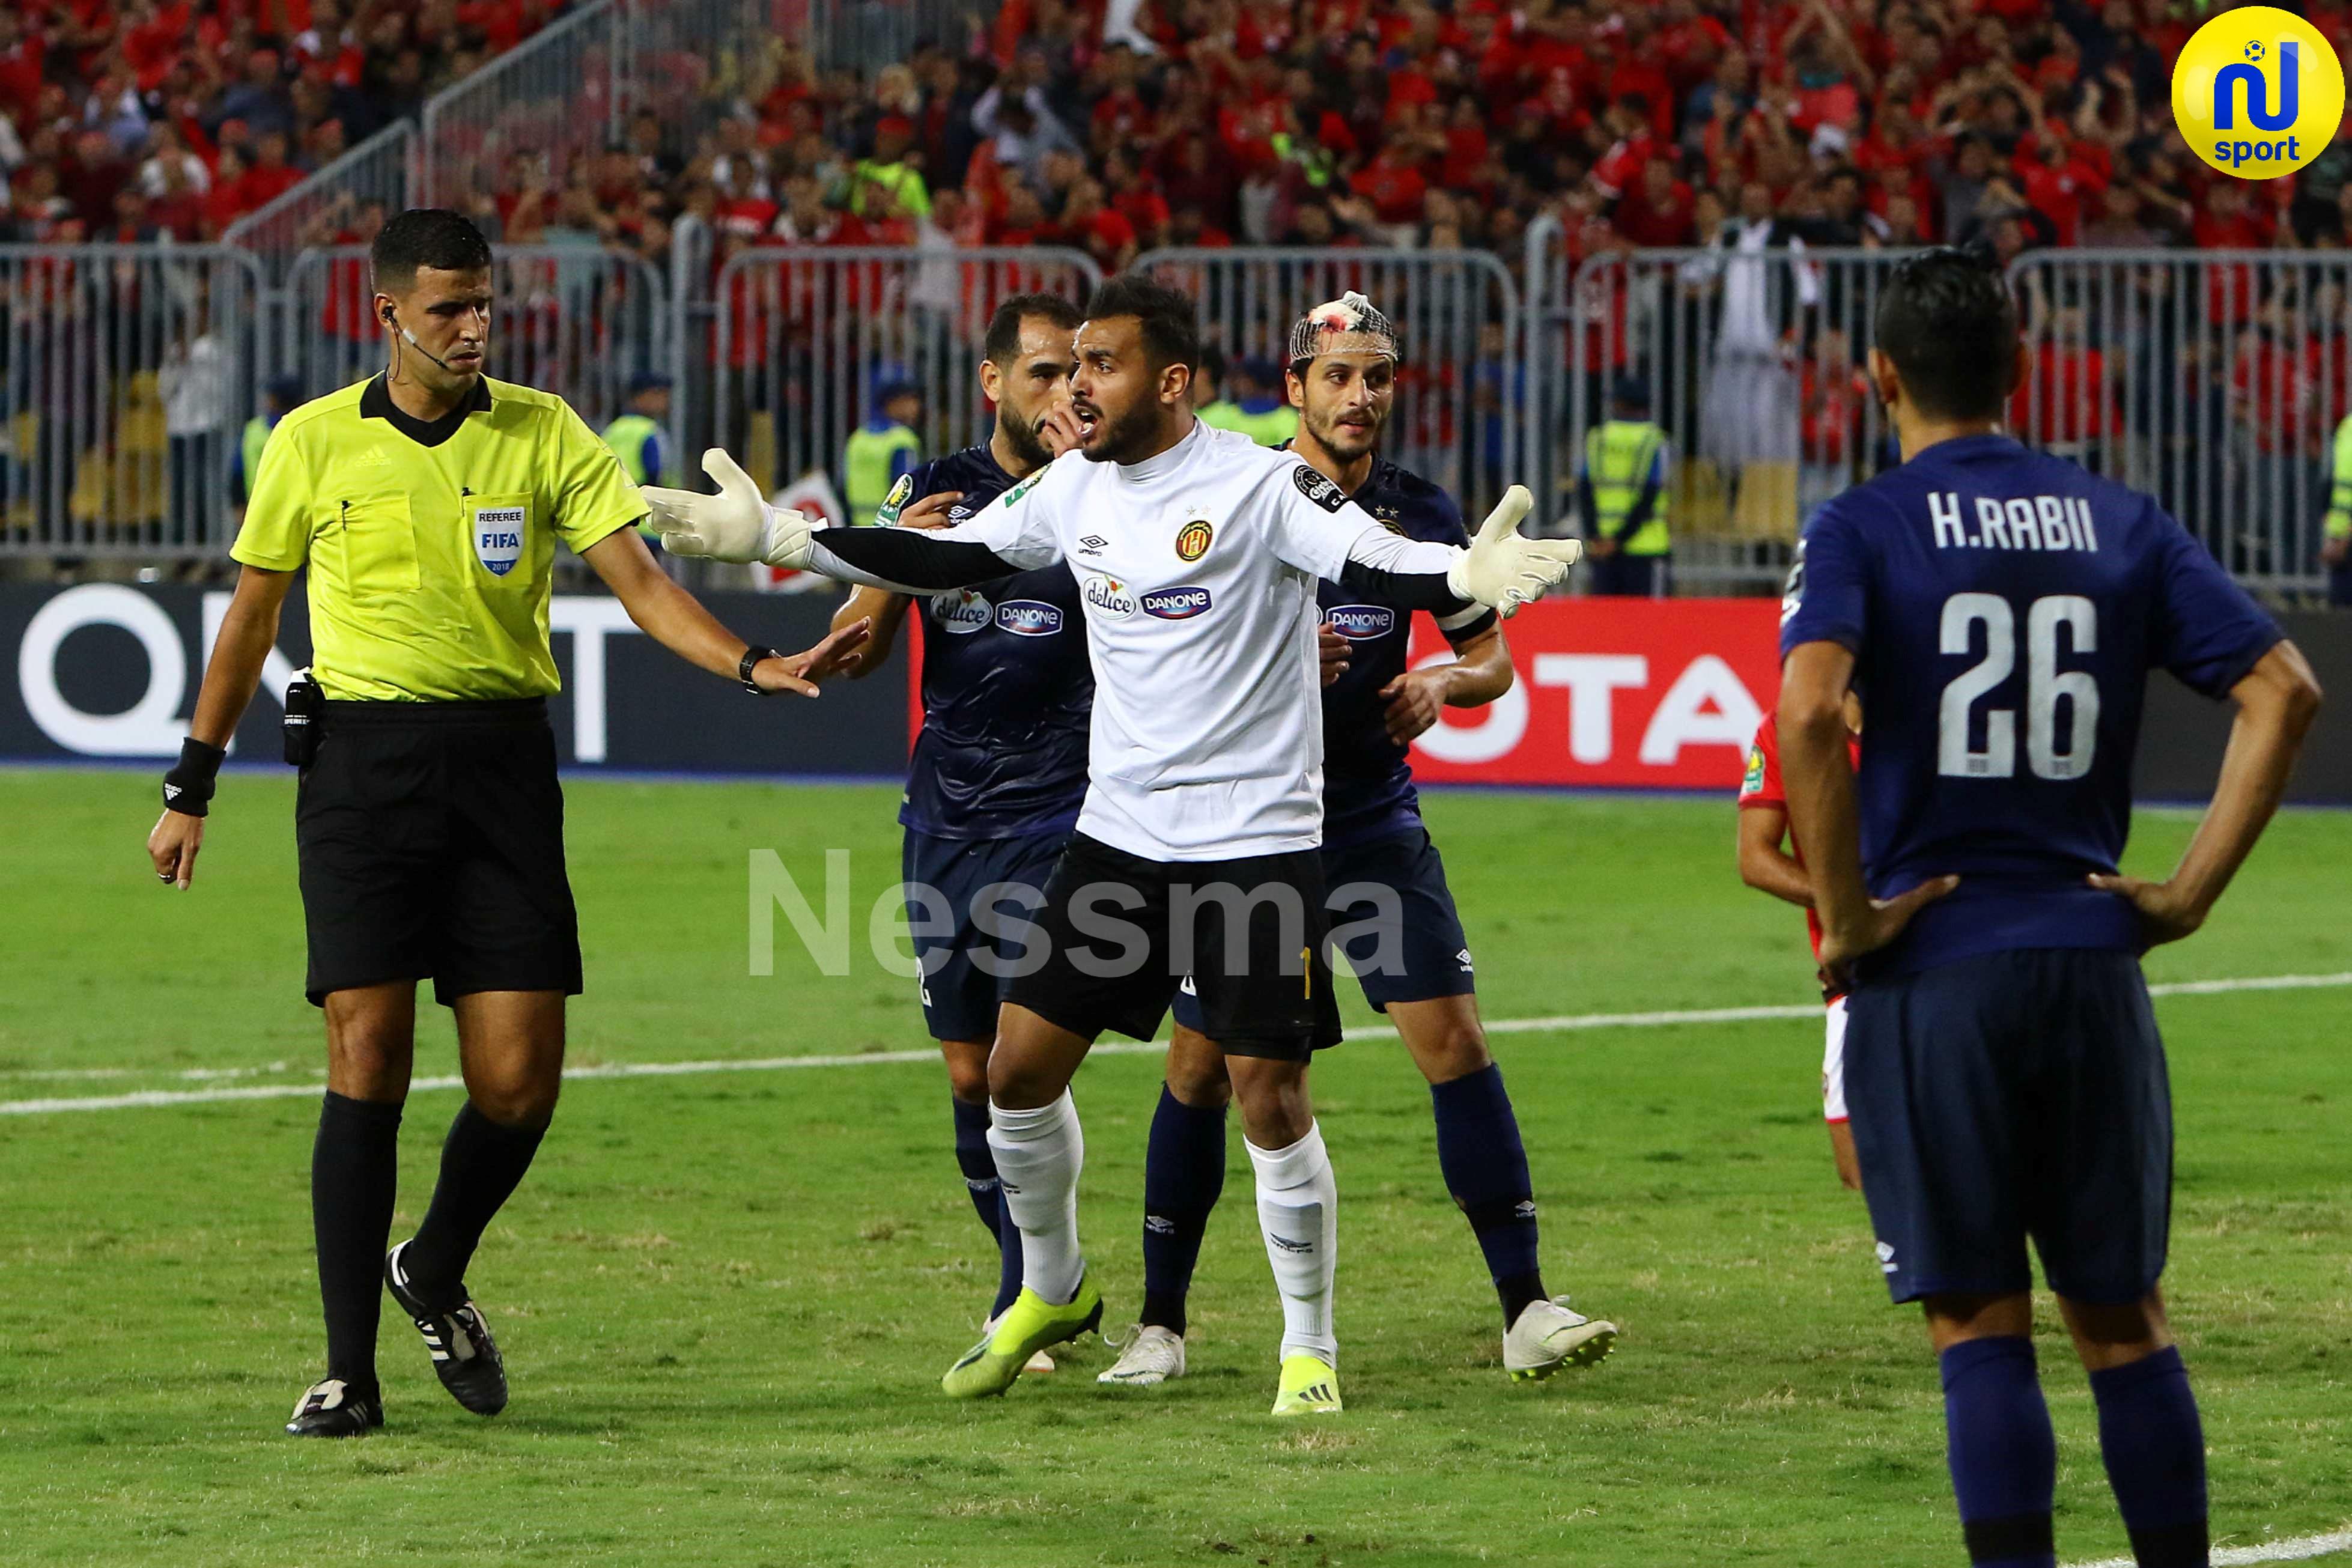 صور الشوط الثاني لمباراة الأهلي المصري و الترجي الرياضي التونسي